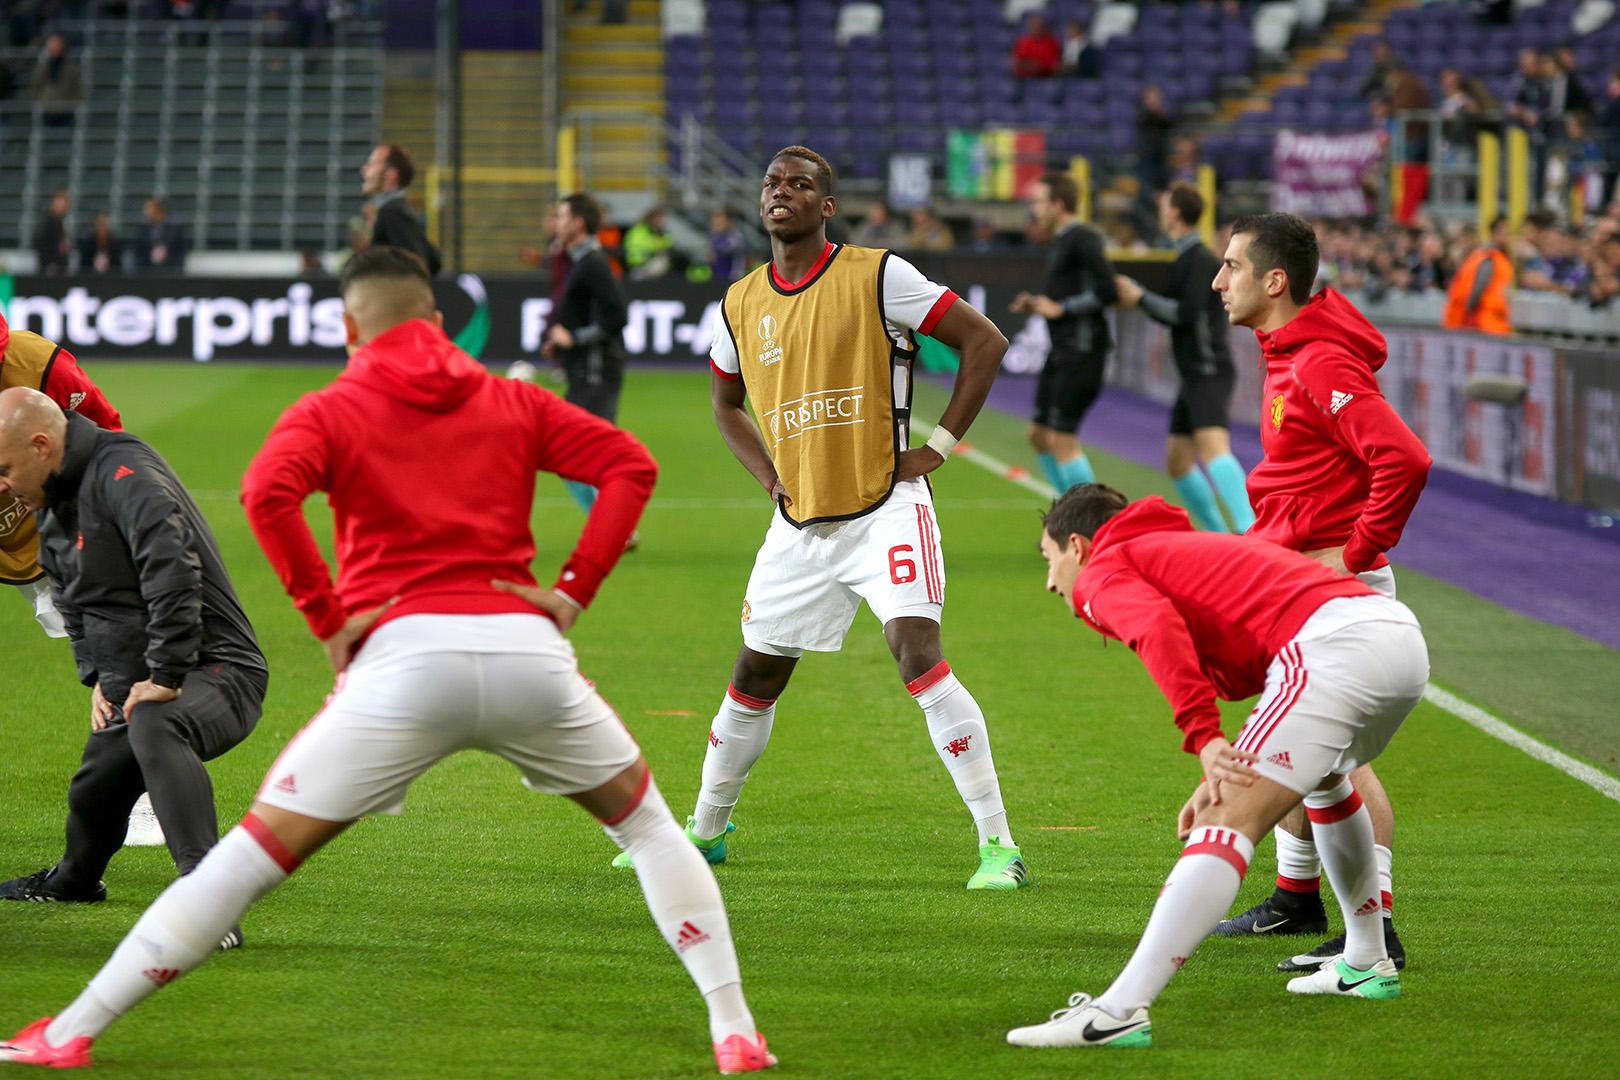 Anderlecht - Man Utd- thephoto.se/ Rodrigo Rivas RuizaAnderlecht - Man Utd- thephoto.se/ Rodrigo Rivas Ruiz